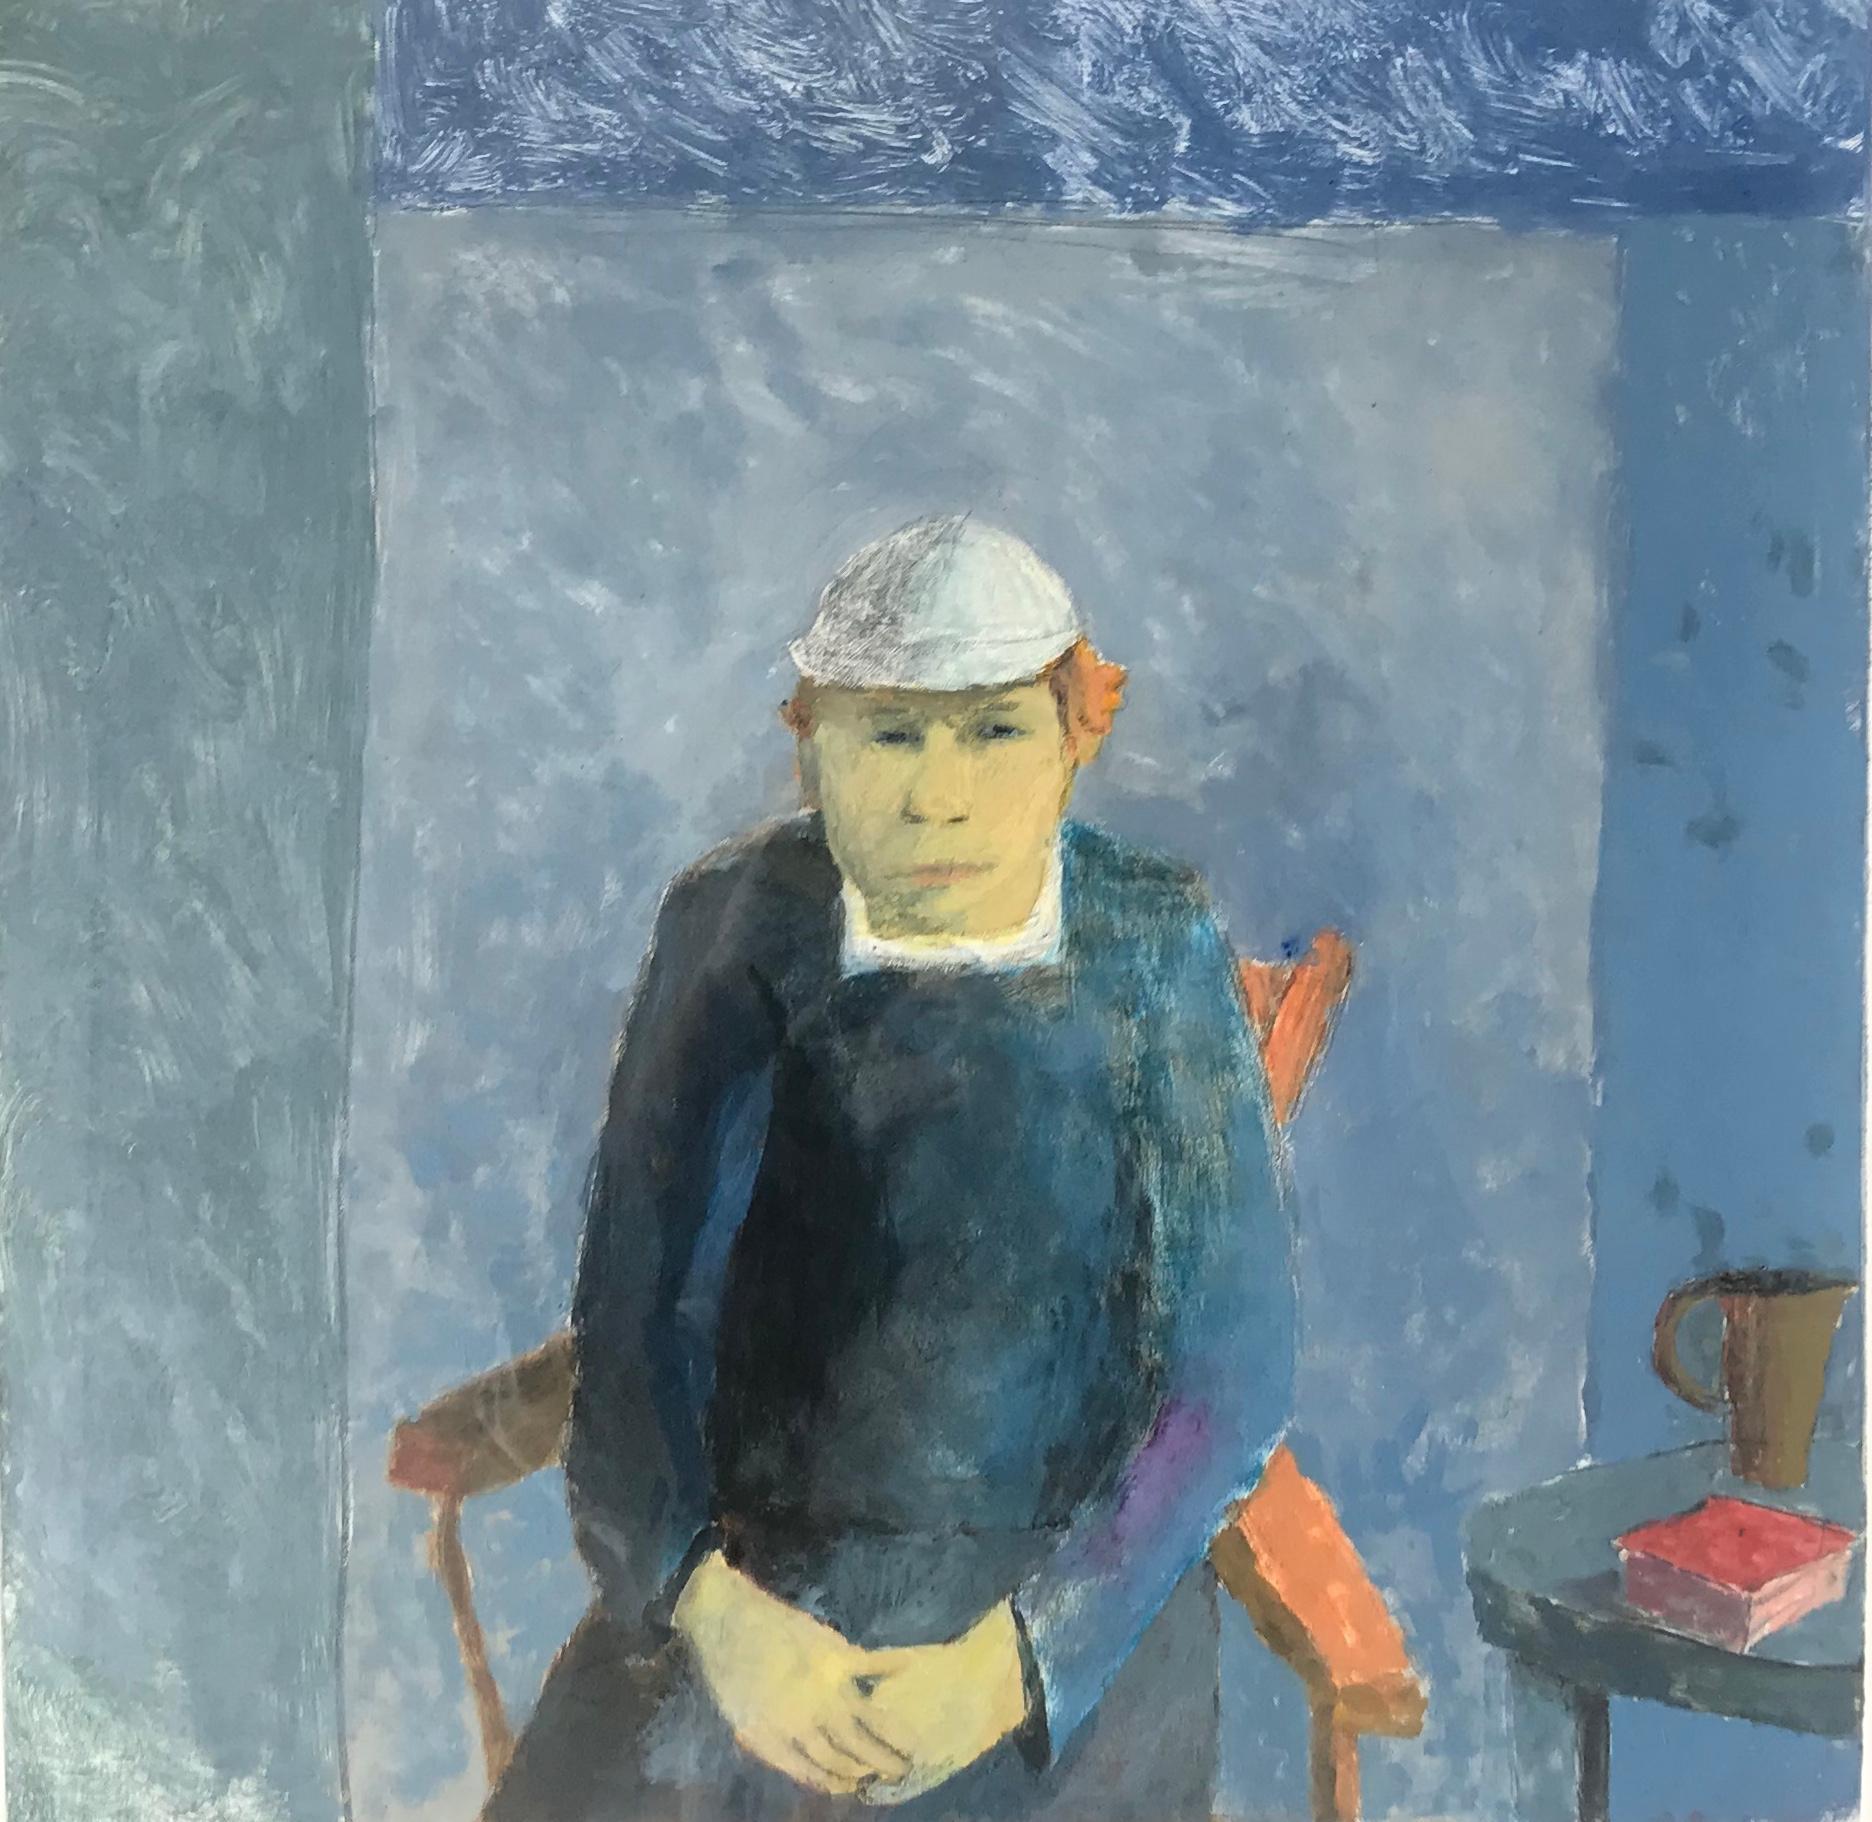 Rogers' Great Escape, portrait of man wearing hat, blue